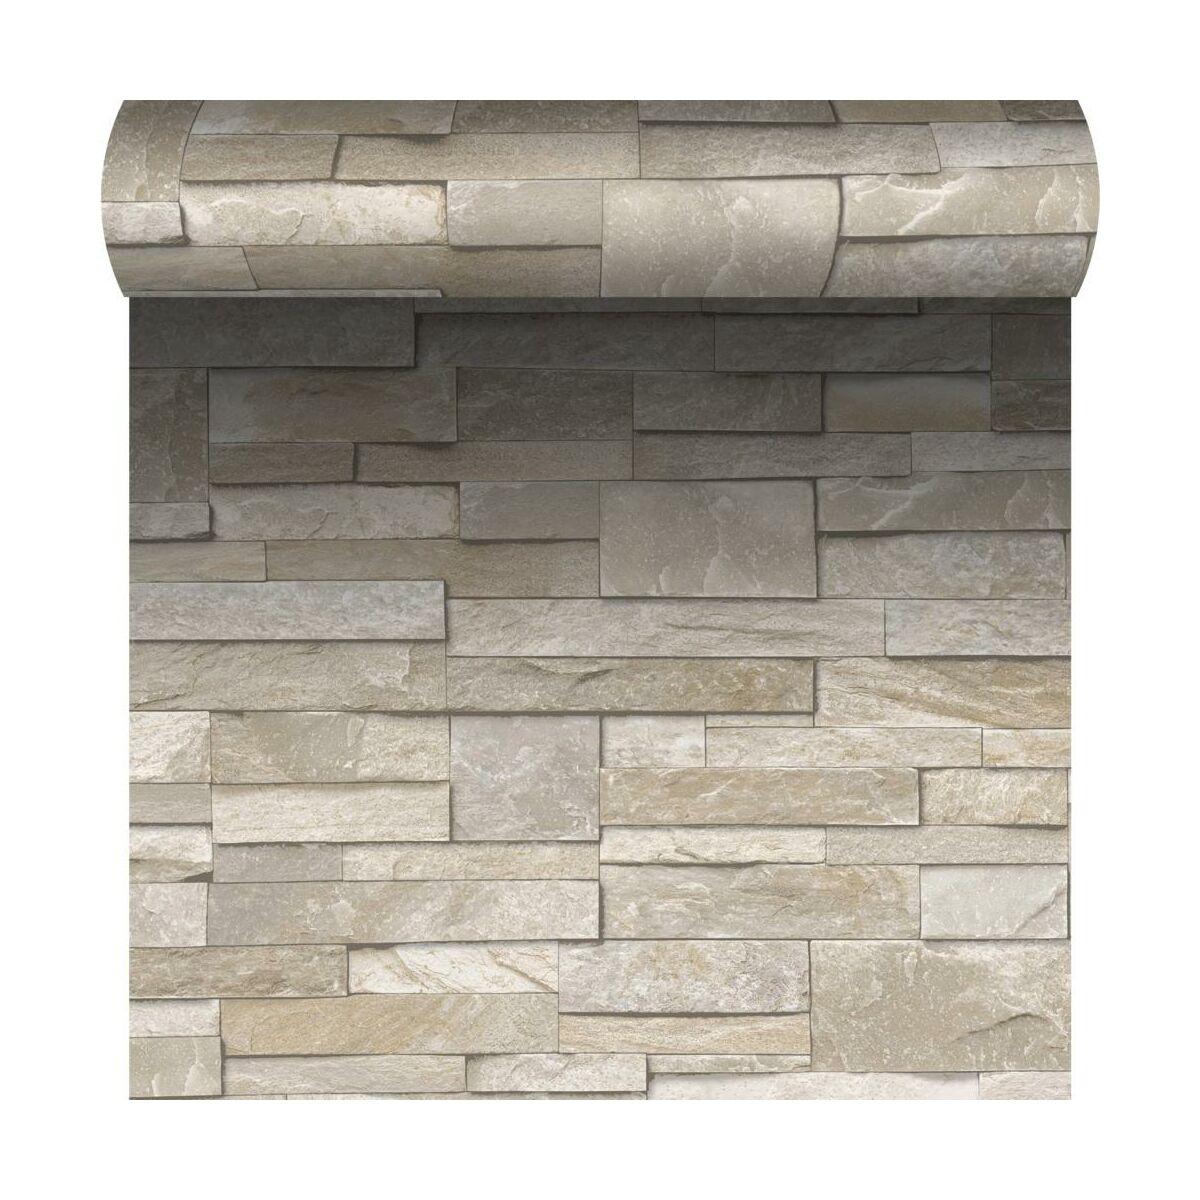 Tapeta Do Kuchni Stones Bezowa Imitacja Kamienia Winylowa Na Papierze Tapety W Atrakcyjnej Cenie W Sklepach Leroy Merlin